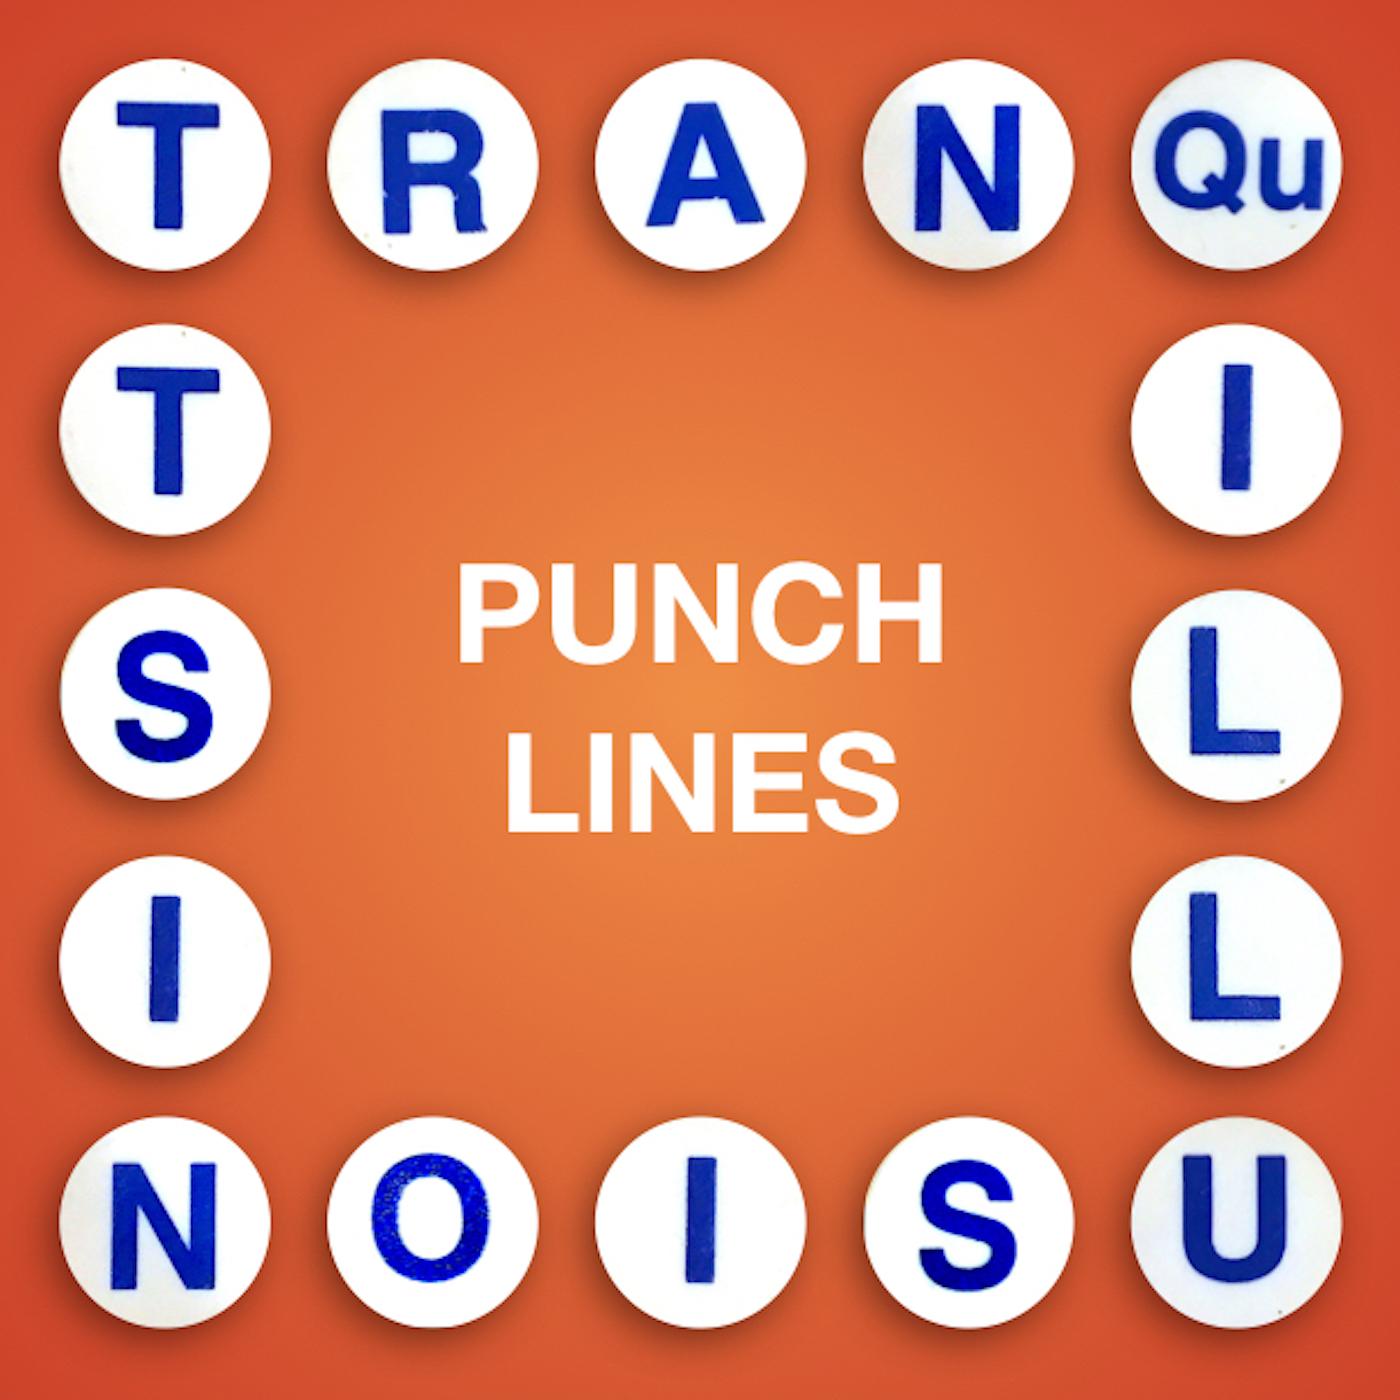 Tranquillusionist: Punchlines